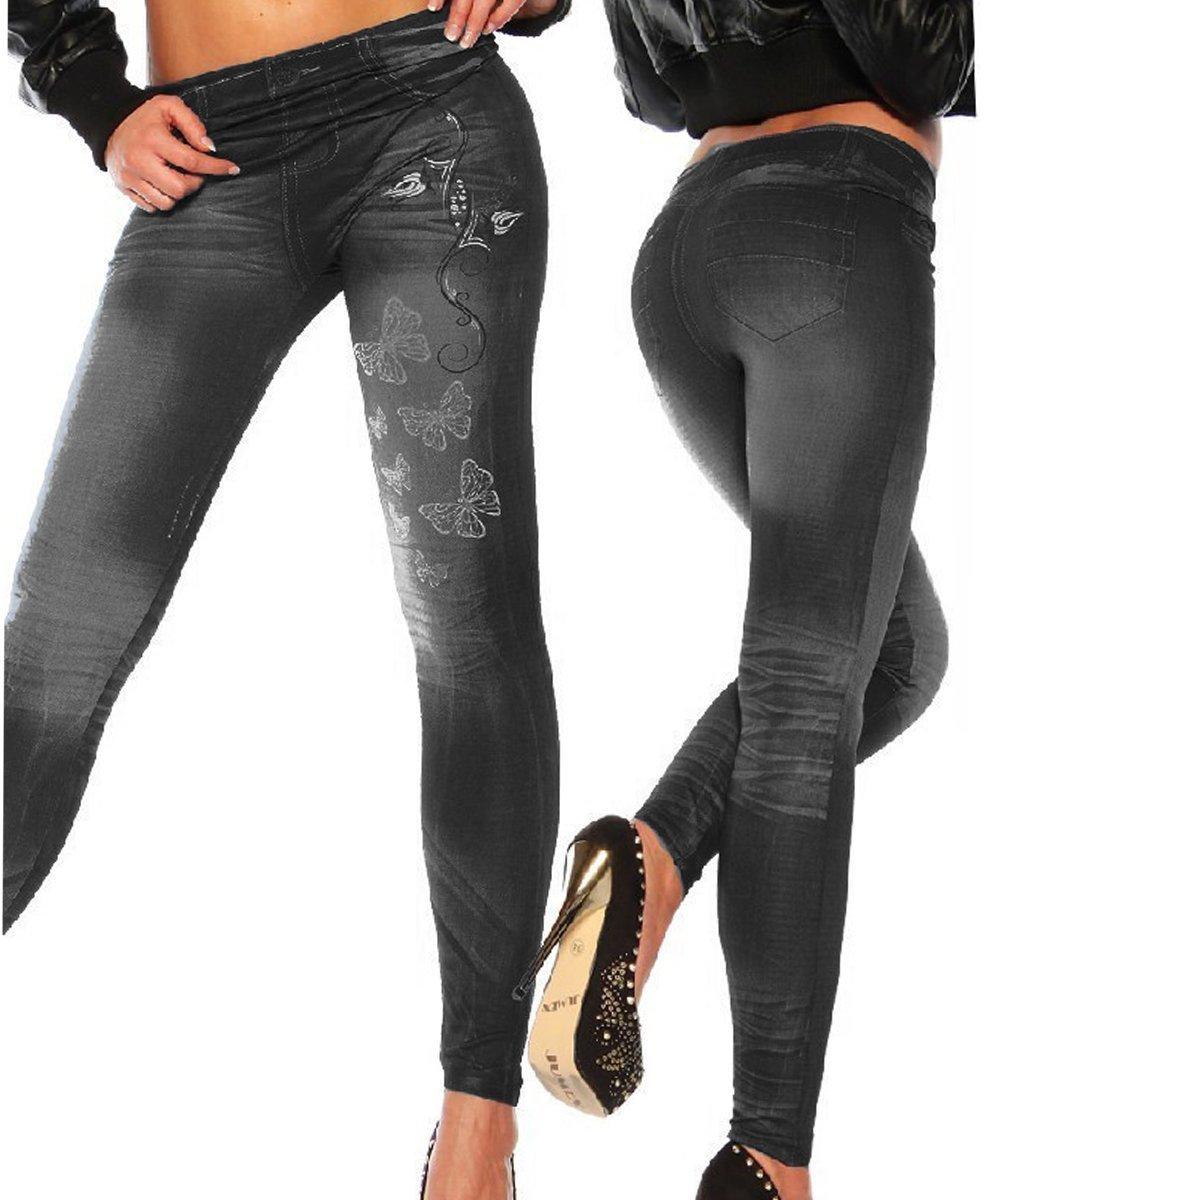 Mallas para mujer de vaquero sintético, ajustados, leggings, jeggings, elásticos, de HugeStore azul azul de HugeStore azul azul